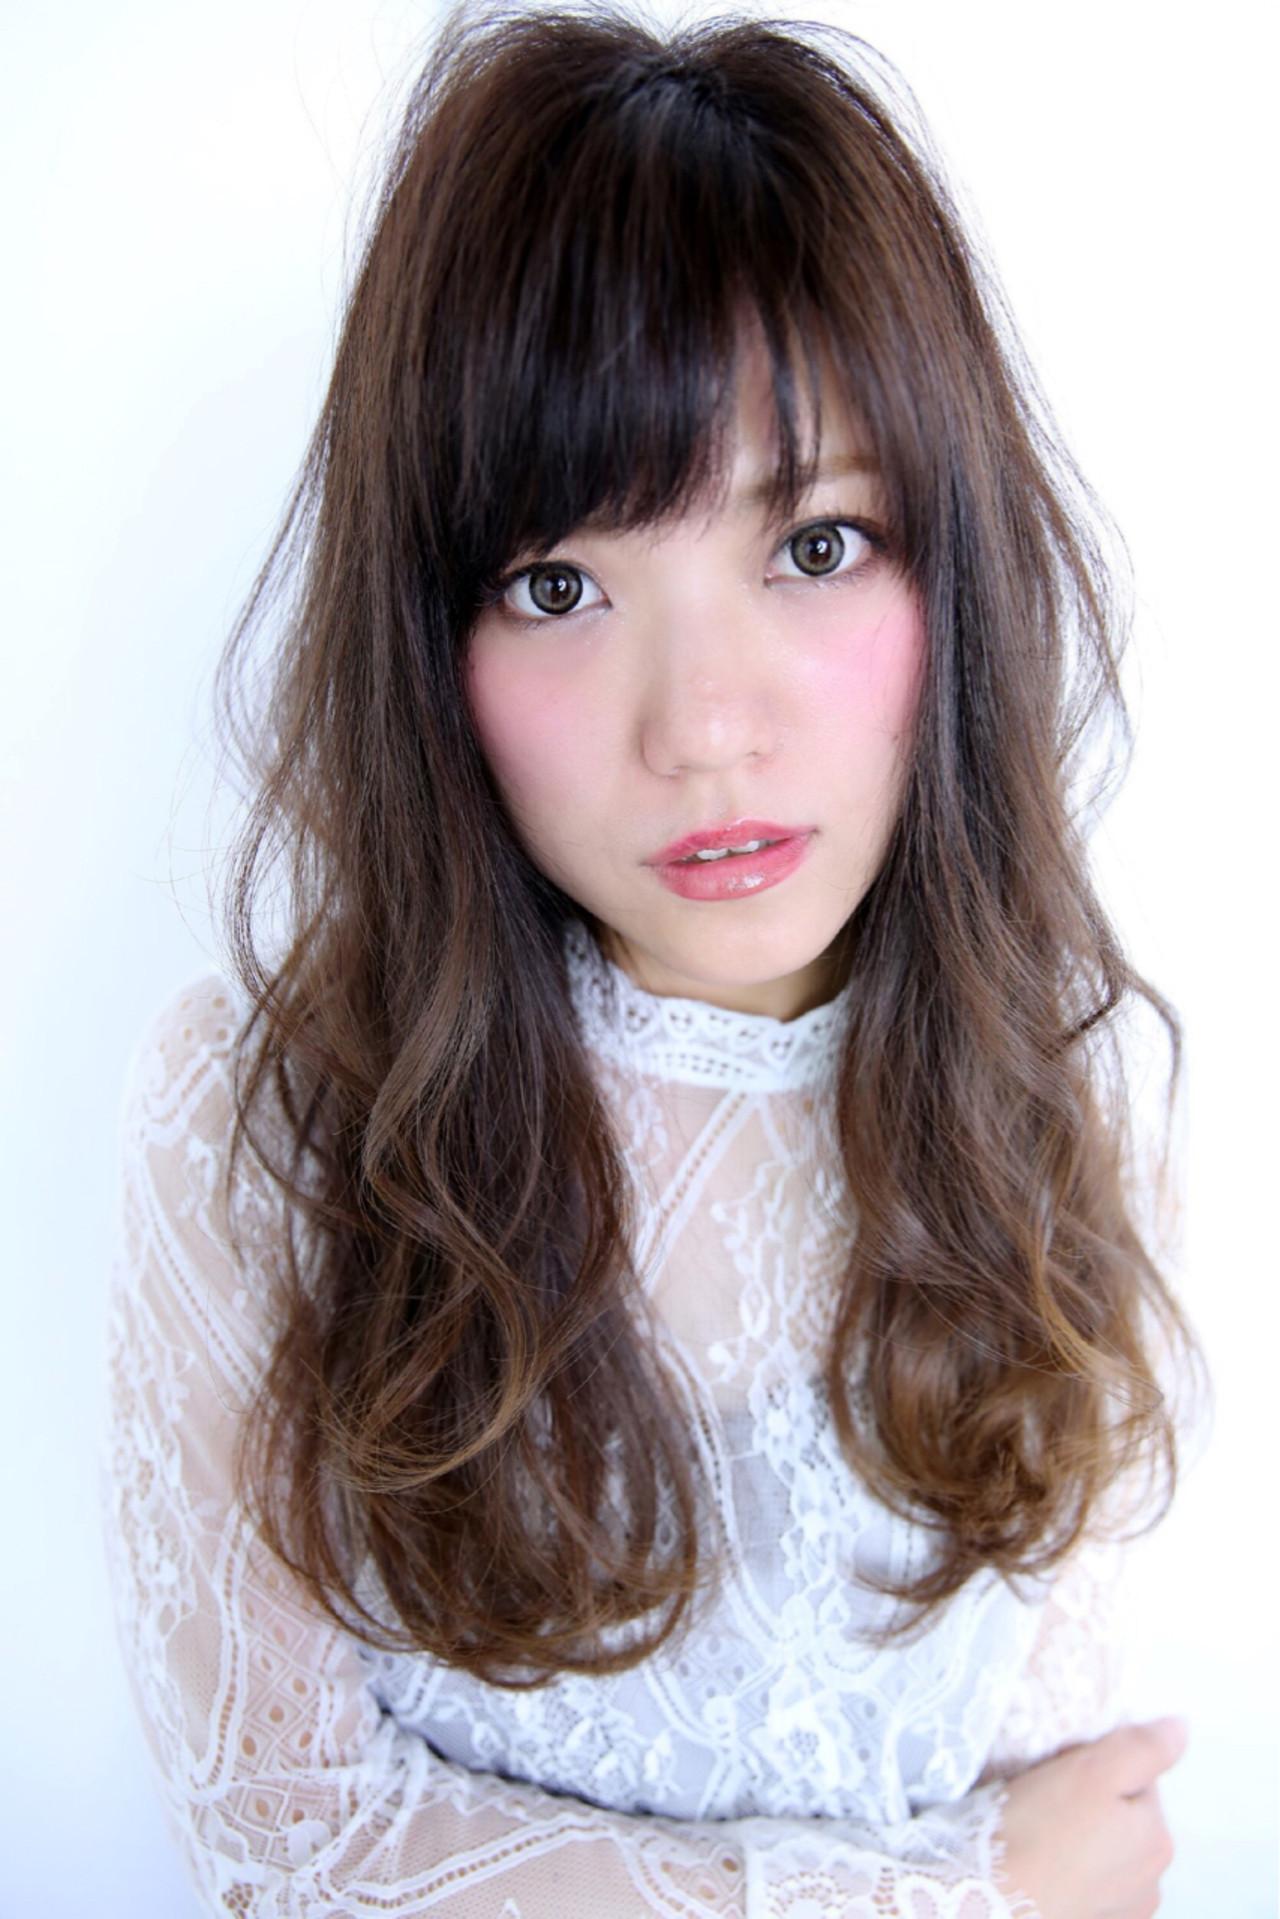 厚めバング×ひし形で大人カワイイ♡ Marika Yoshioka